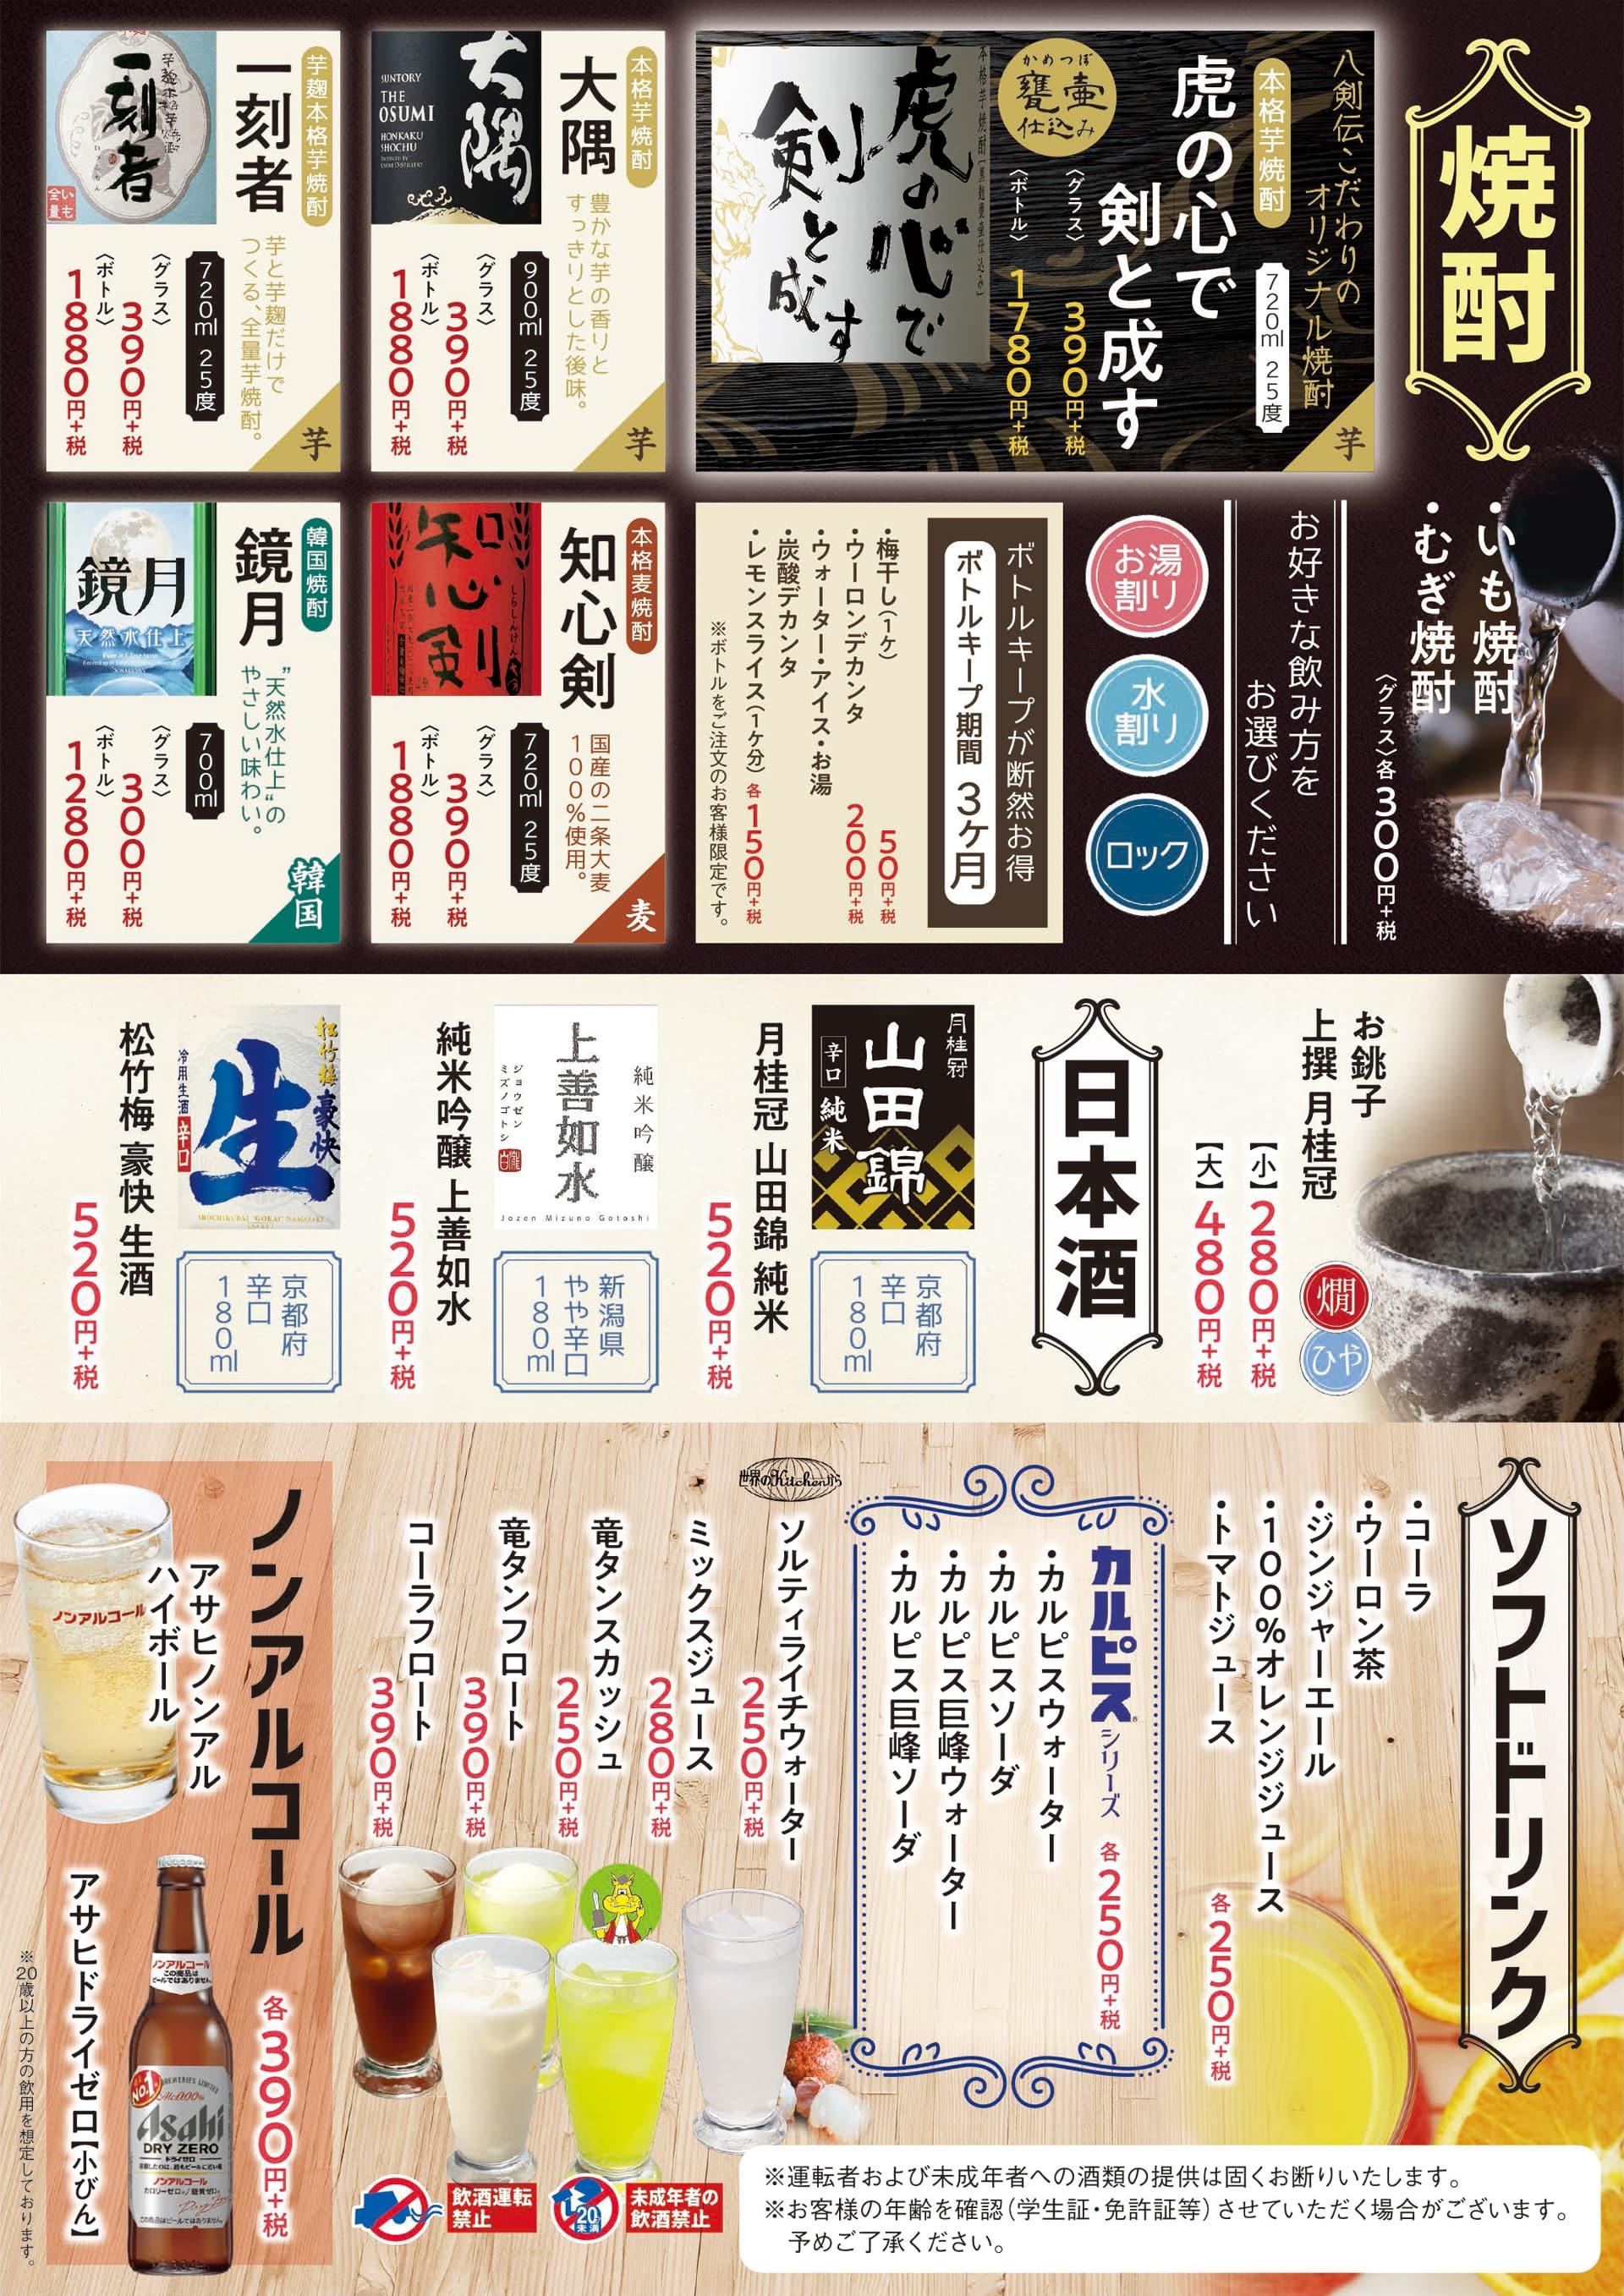 八剣伝 焼酎・日本酒・ソフトドリンク